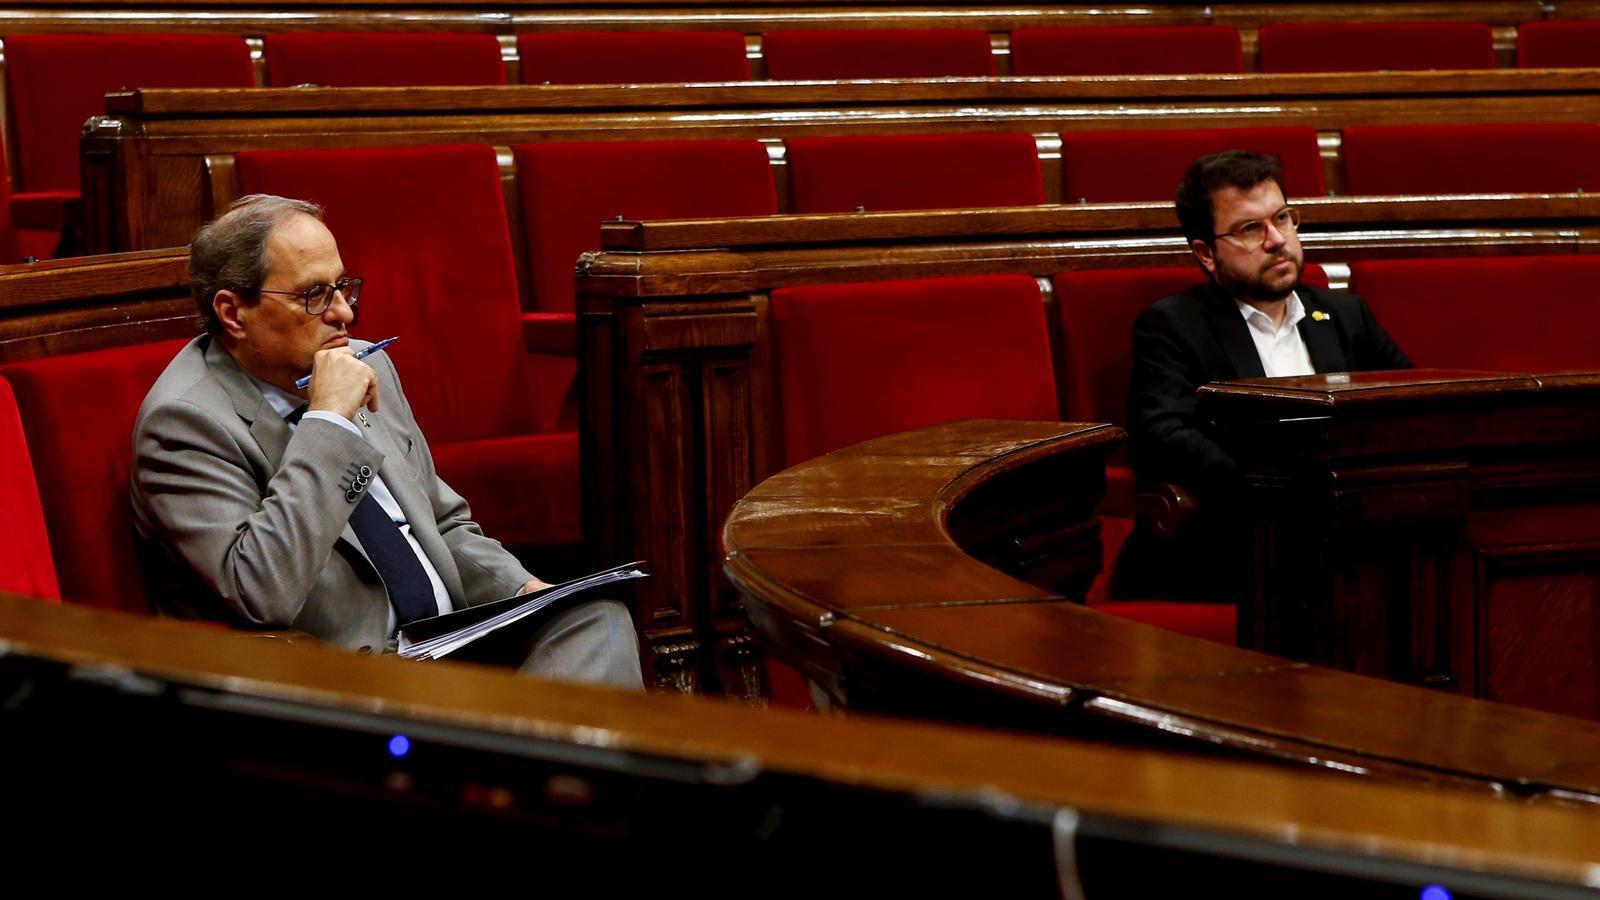 EN DIRECTE: Ple al Parlament de Catalunya